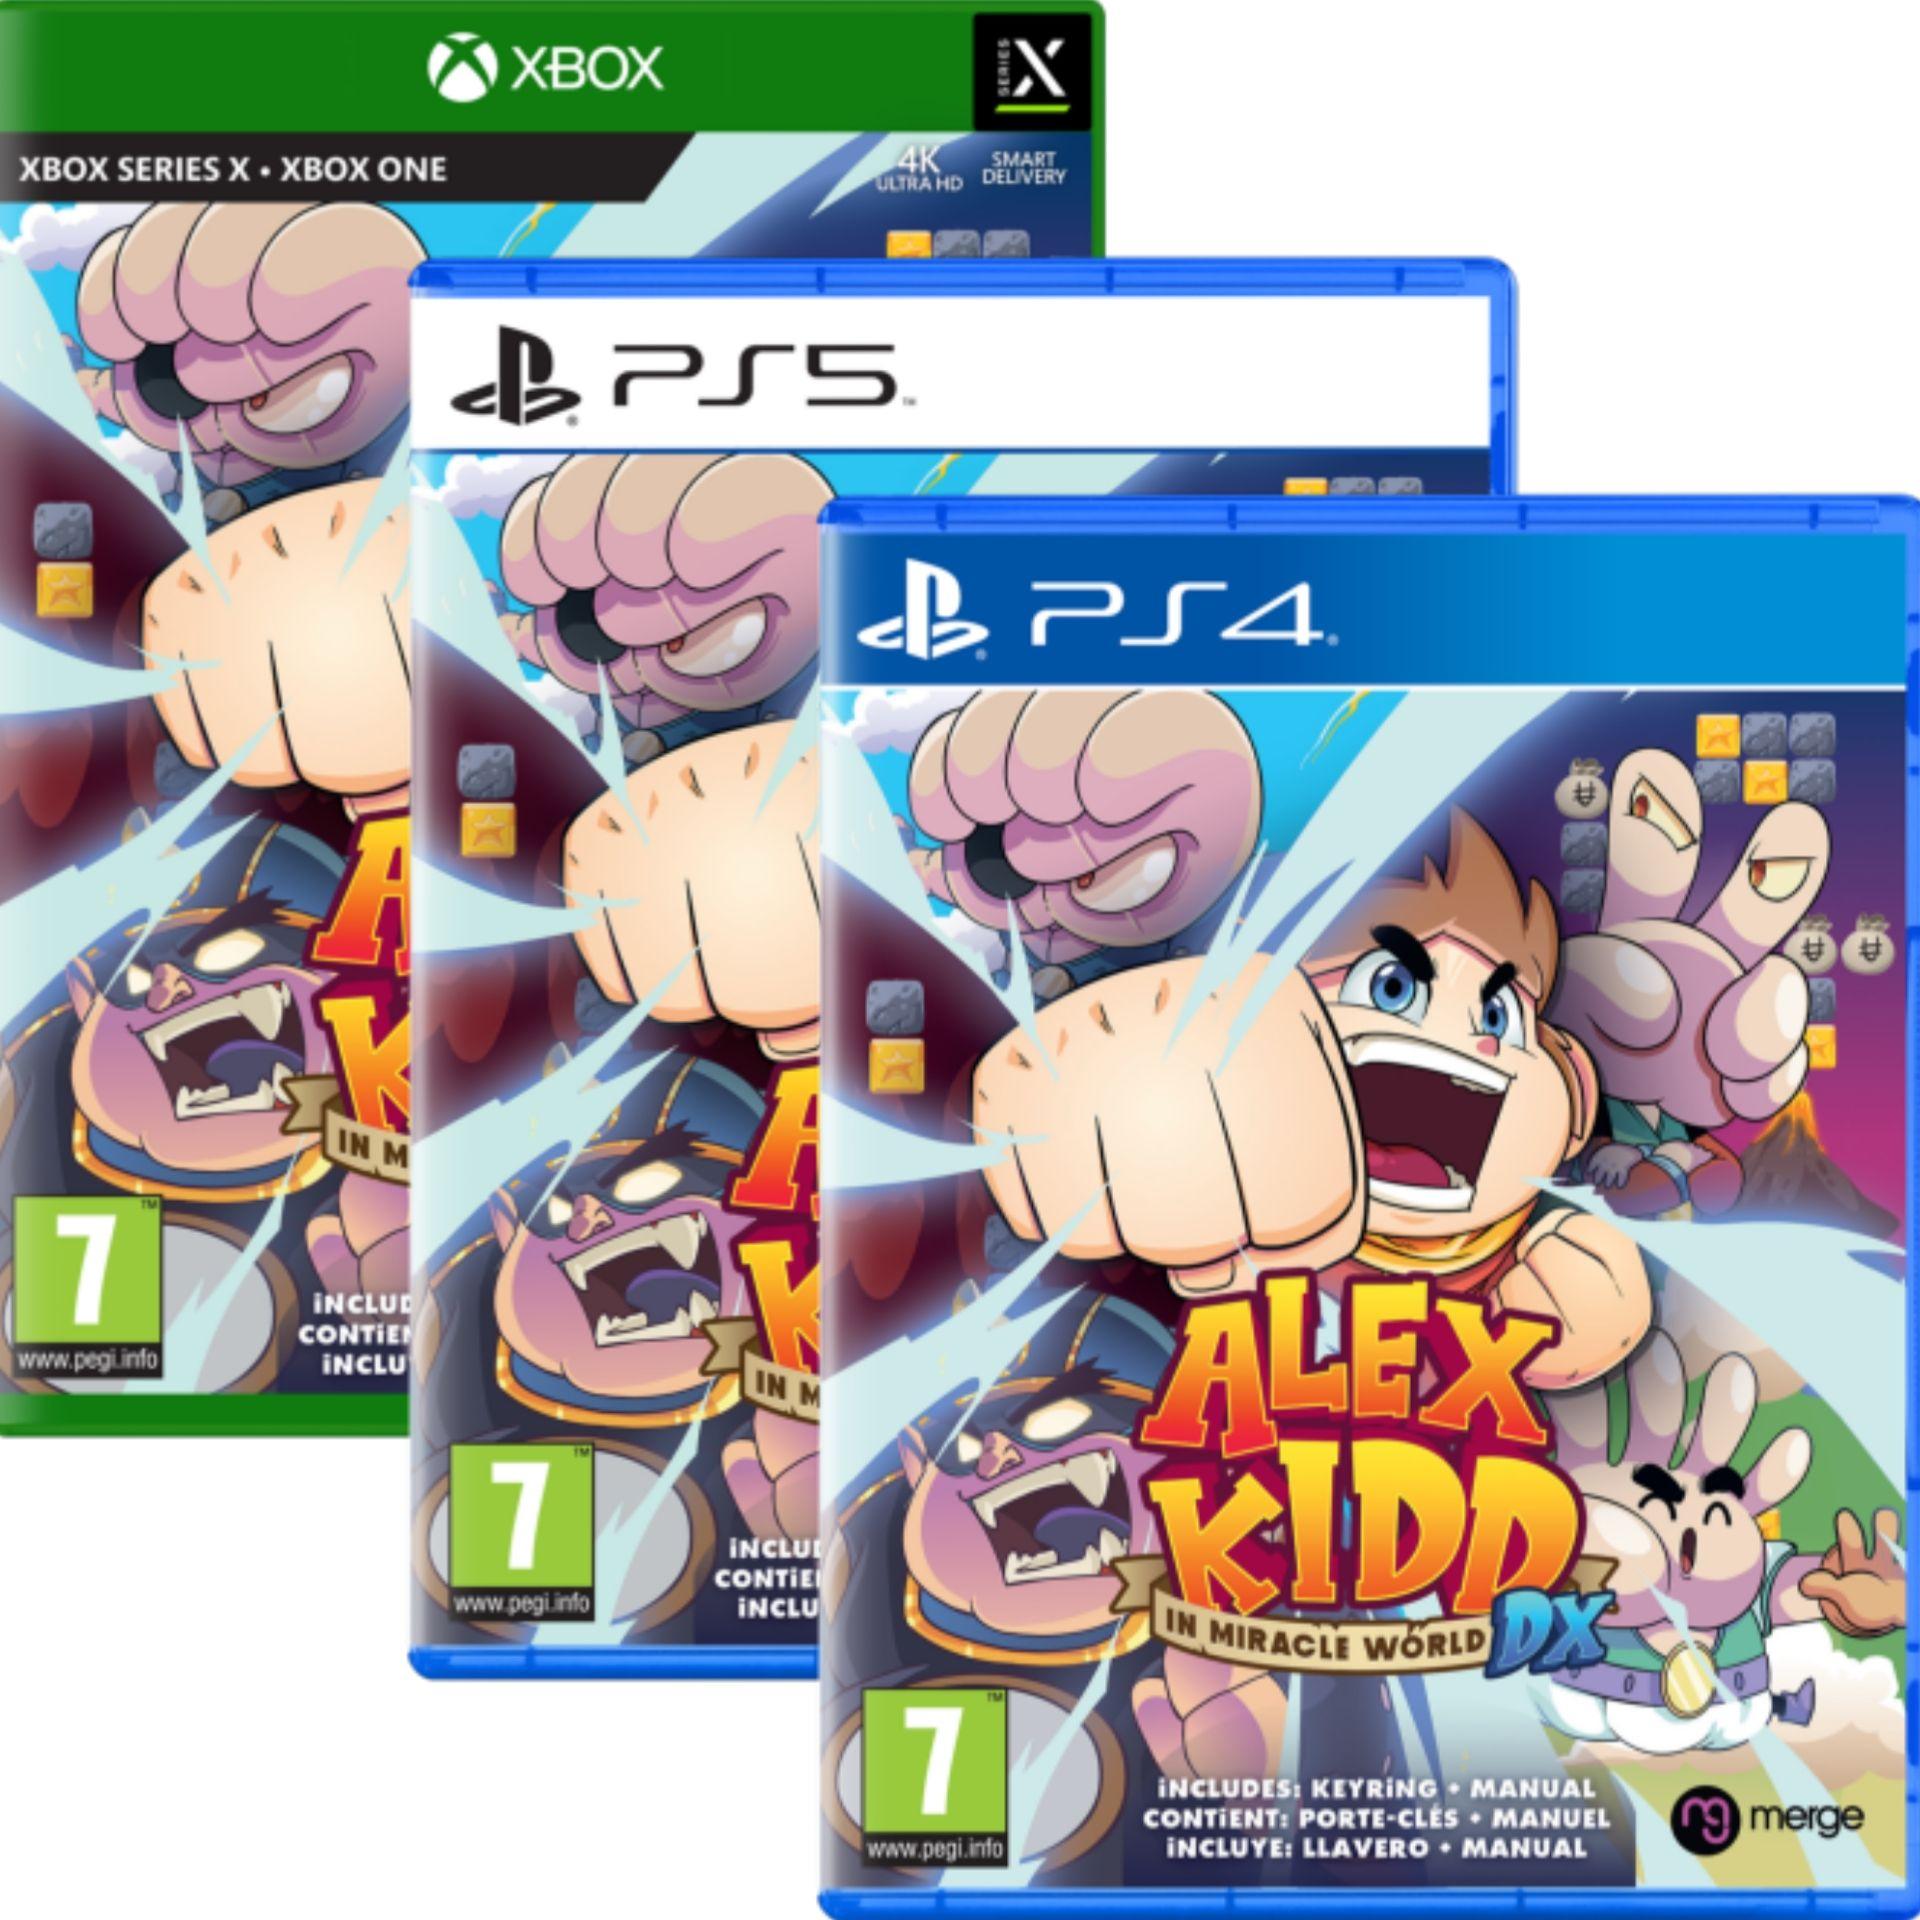 [Précommande] Alex Kidd in Miracle World DX sur PS5, PS4 ou Xbox (29,99€ sur Nintendo Switch)